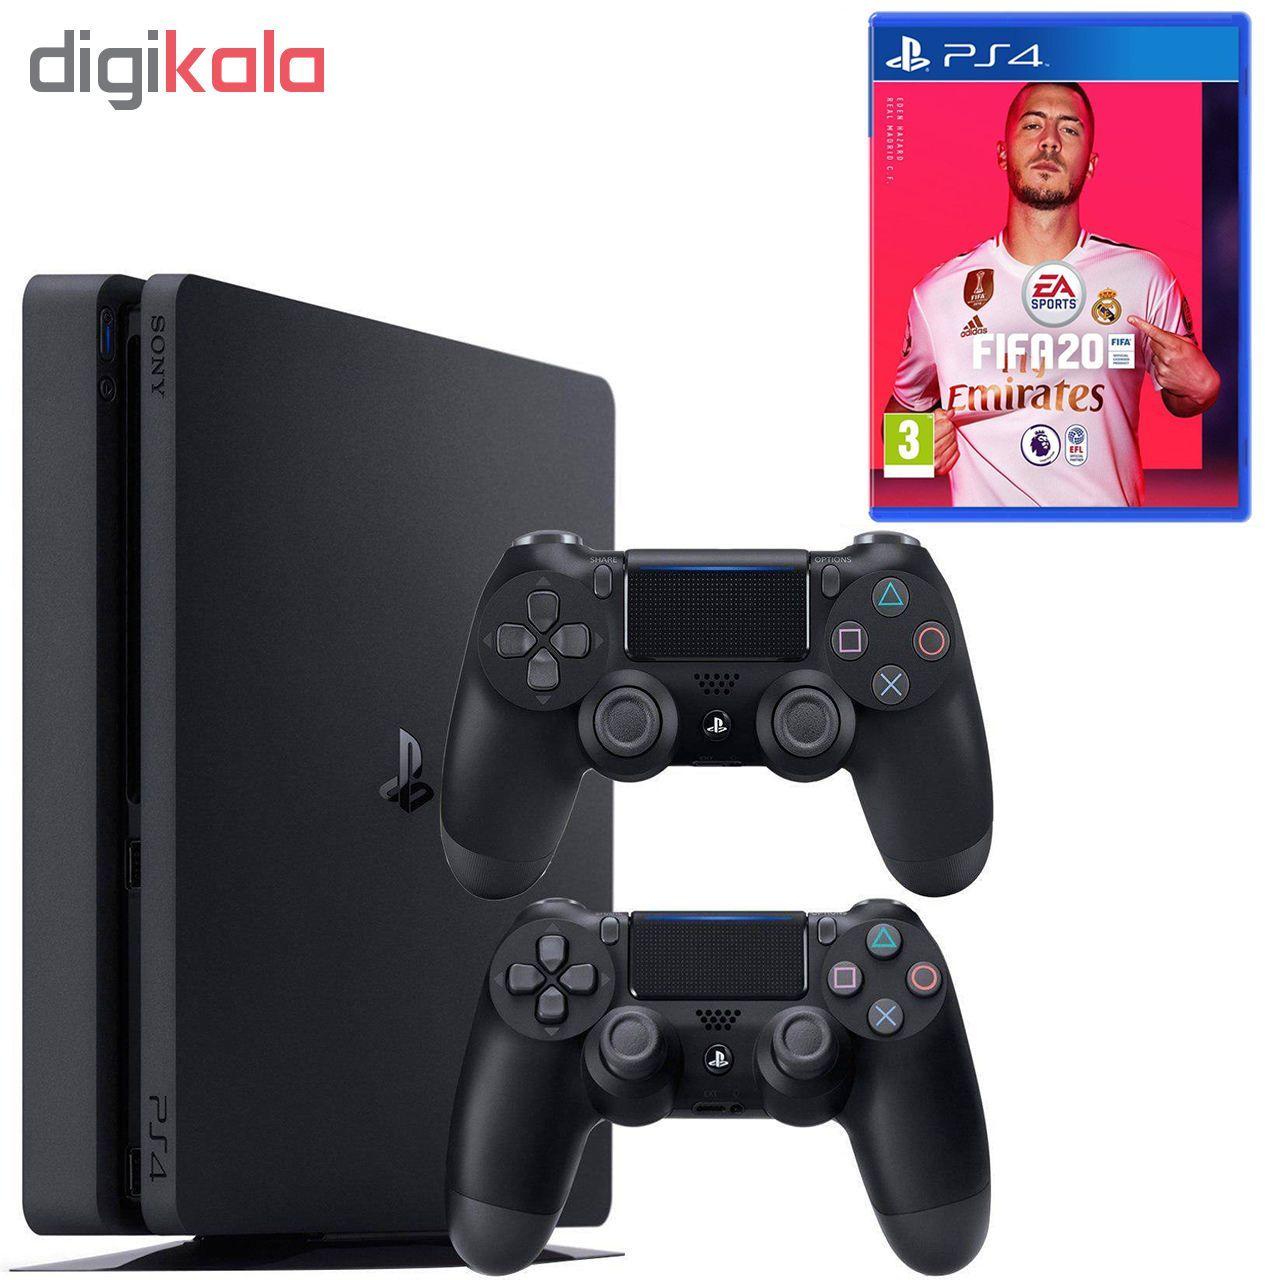 مجموعه کنسول بازی سونی مدل Playstation 4 Slim ریجن 2 کد CUH-2216B ظرفیت 1 ترابایت main 1 1